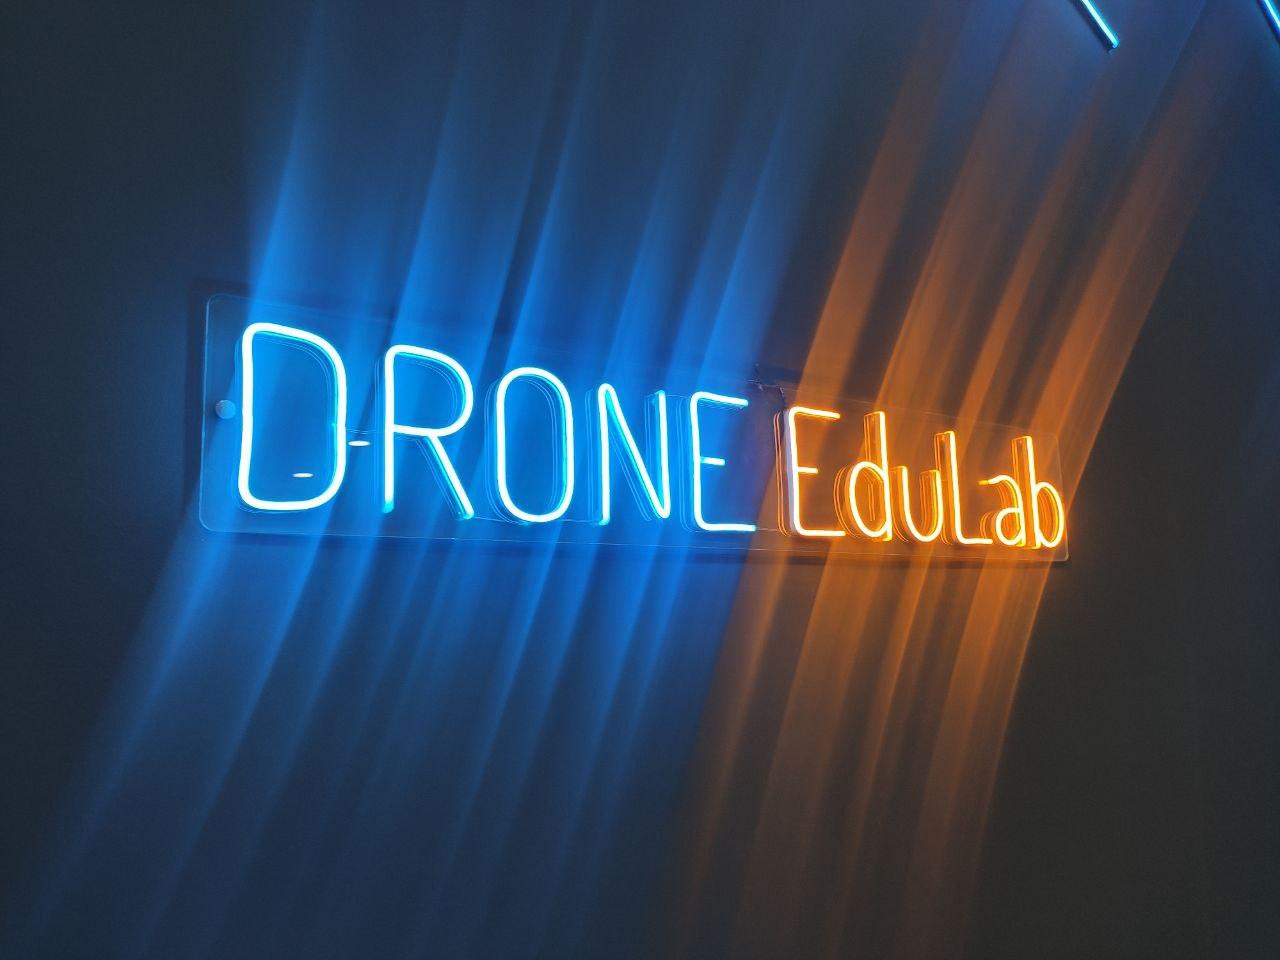 Drone EduLab-ի դասերը մեկնարկել են. 3-րդ և 4-րդ խմբի գրանցումները դեռ բաց են